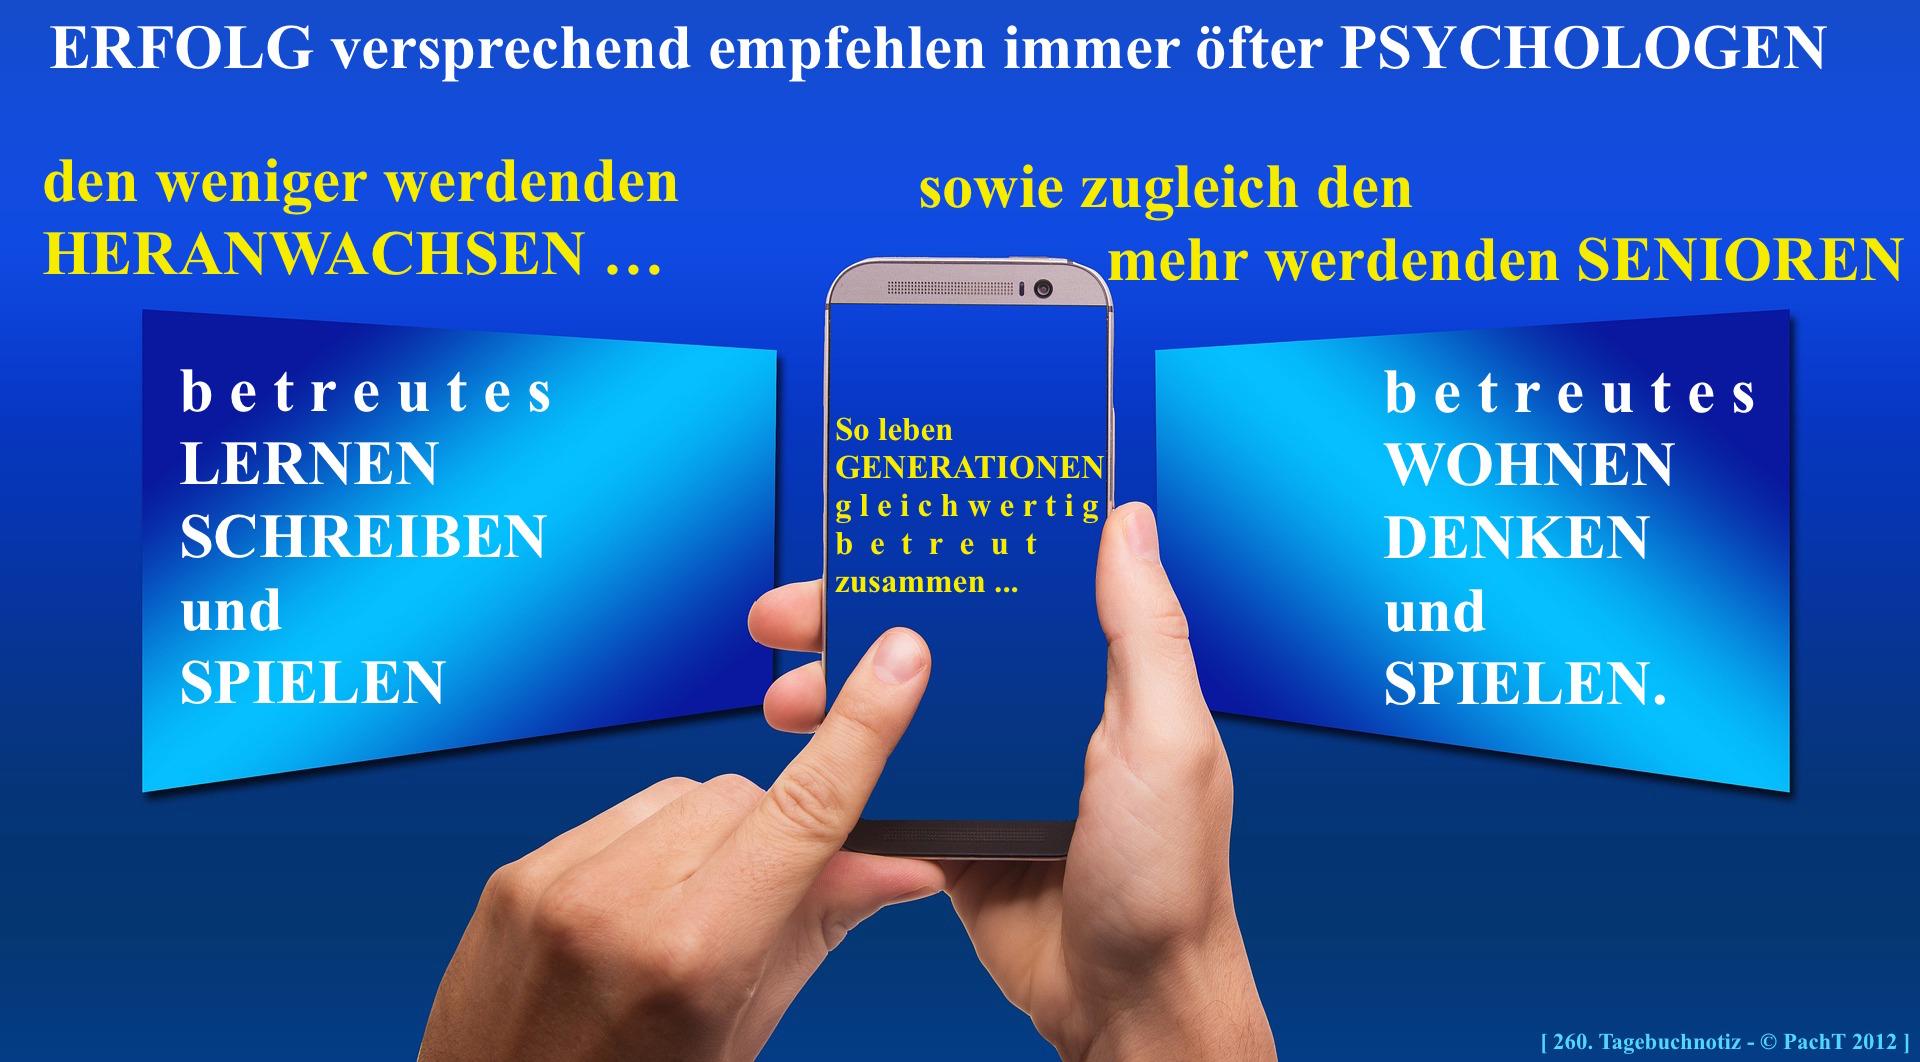 SSW260.Gedanke_Empfehlung